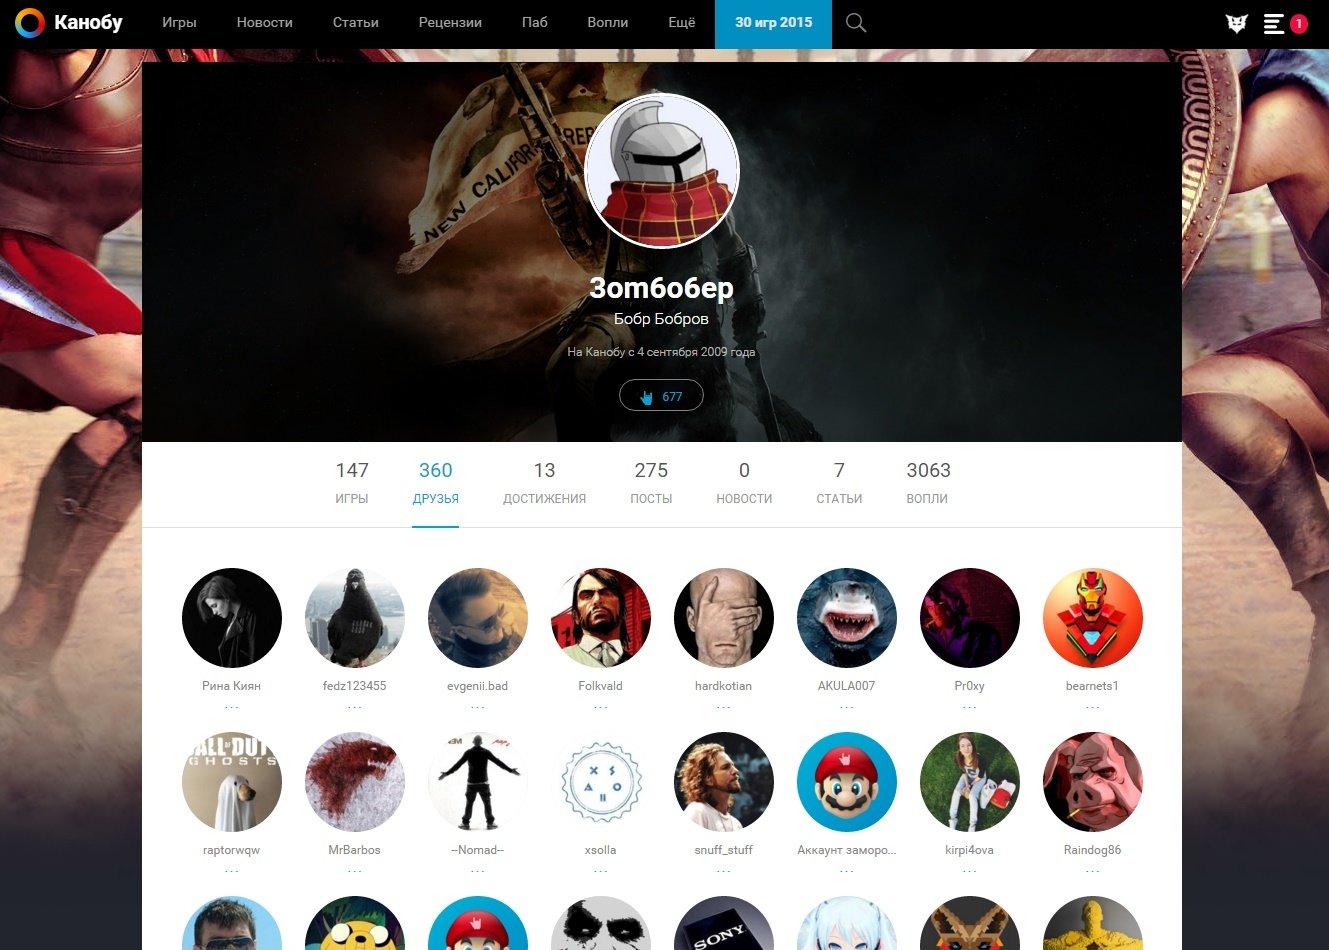 Новый профиль! #updateKanobu - Изображение 2